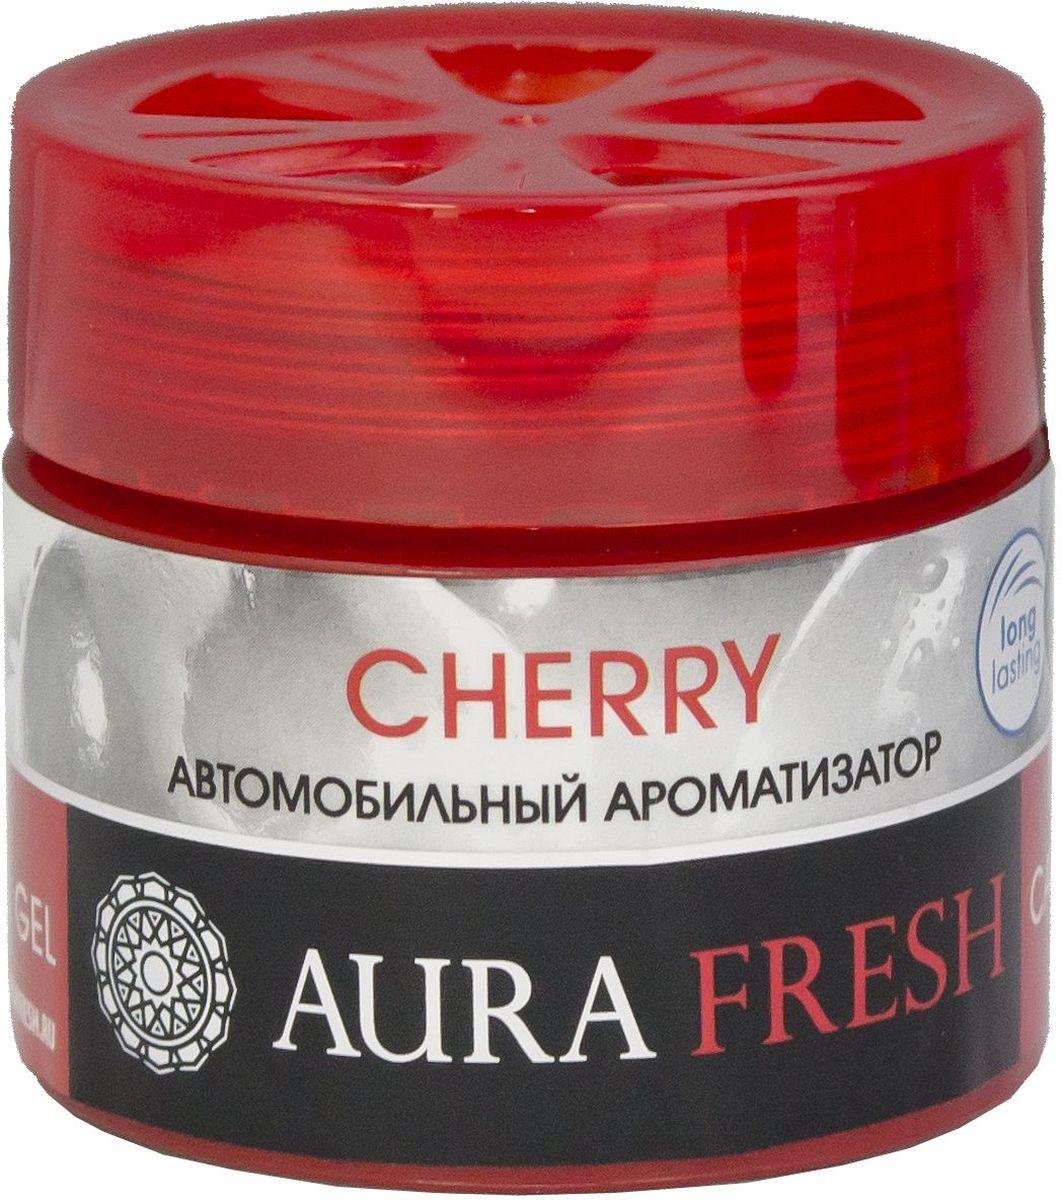 Ароматизатор автомобильный Aura Fresh Cherry, на панельAUR-CG-0007Ароматизатор Aura Fresh крепится на панель внутри автомобиля. Водителю больше не понадобится все время открывать окна для проветривания. Диффузор поддерживает ощущение чистоты и свежести. Ароматическая композиция раскрывается постепенно и ненавязчиво и обеспечивает нежный запах, который сохраняется максимально долго.